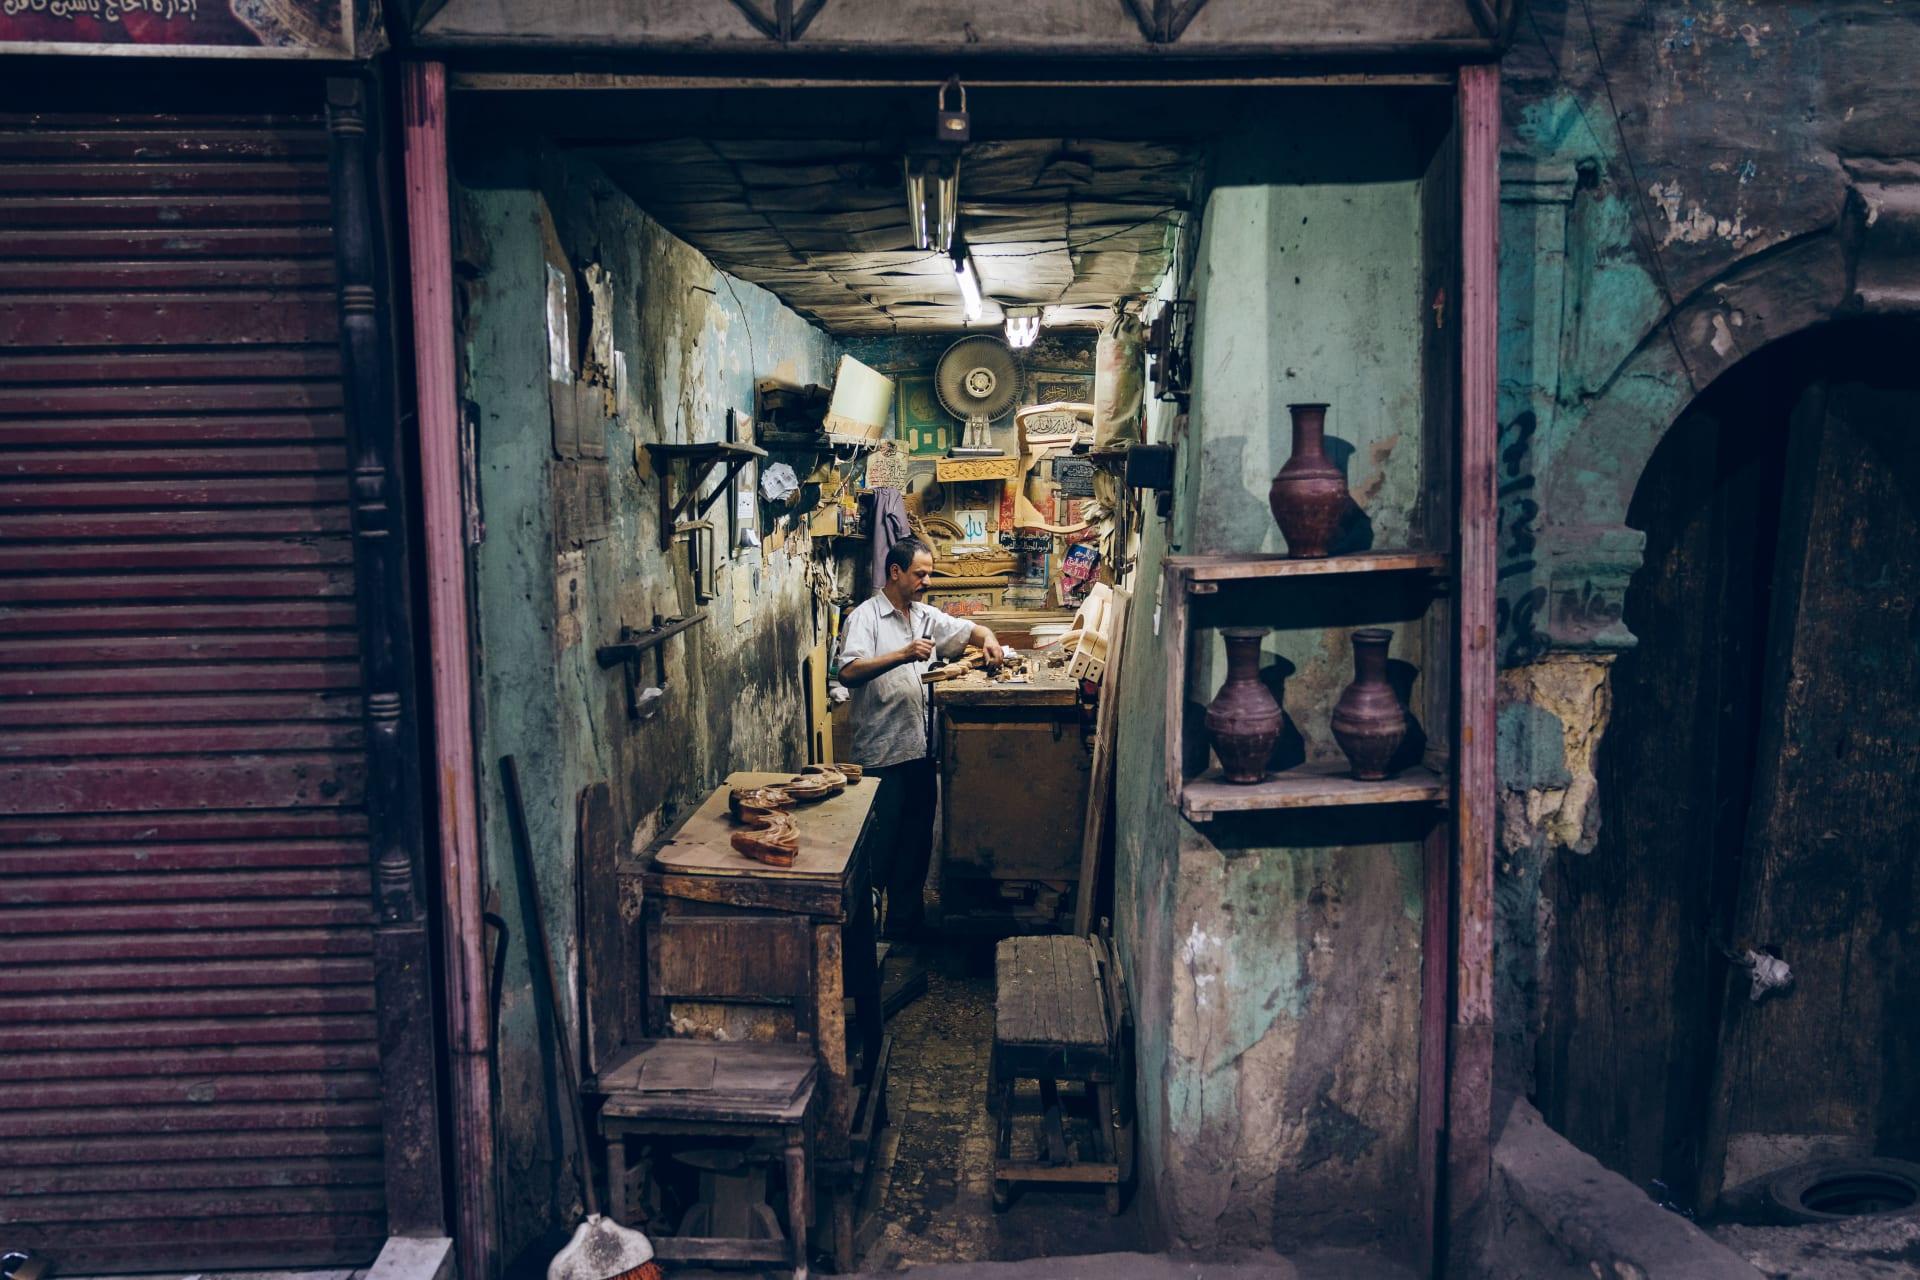 رحلة بصرية بين أزقة مصر الضيقة.. فما الذي سُحر به هذا المصور البريطاني؟